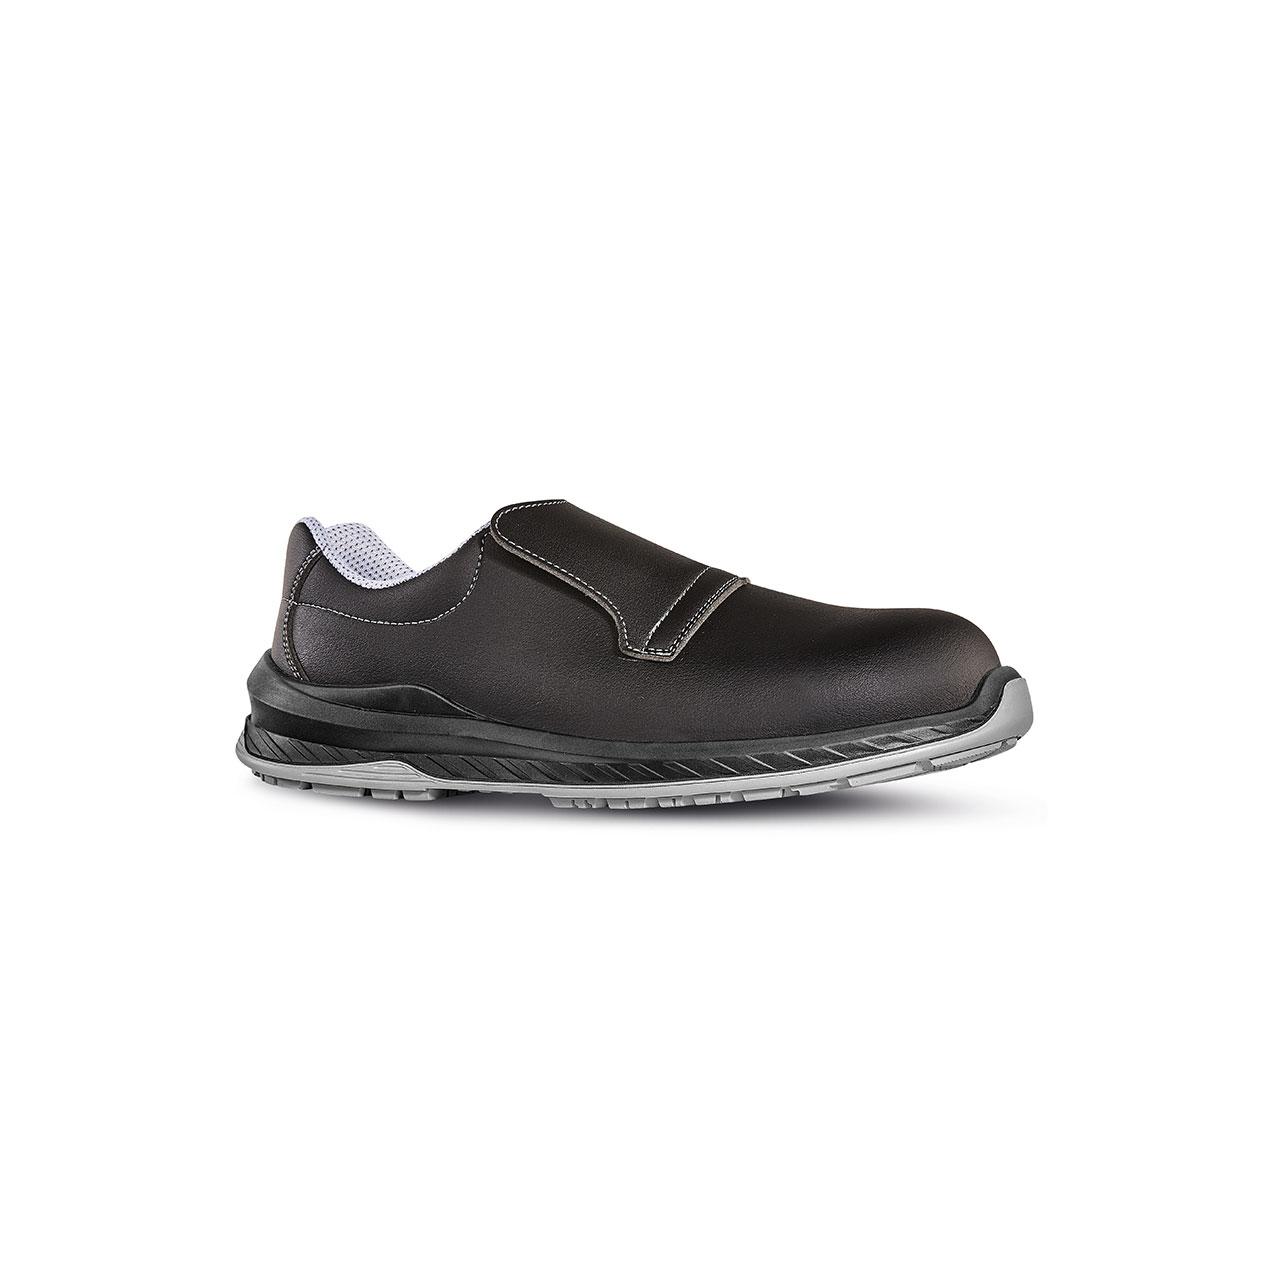 scarpa antinfortunistica upower modello londra linea redindustry vista laterale